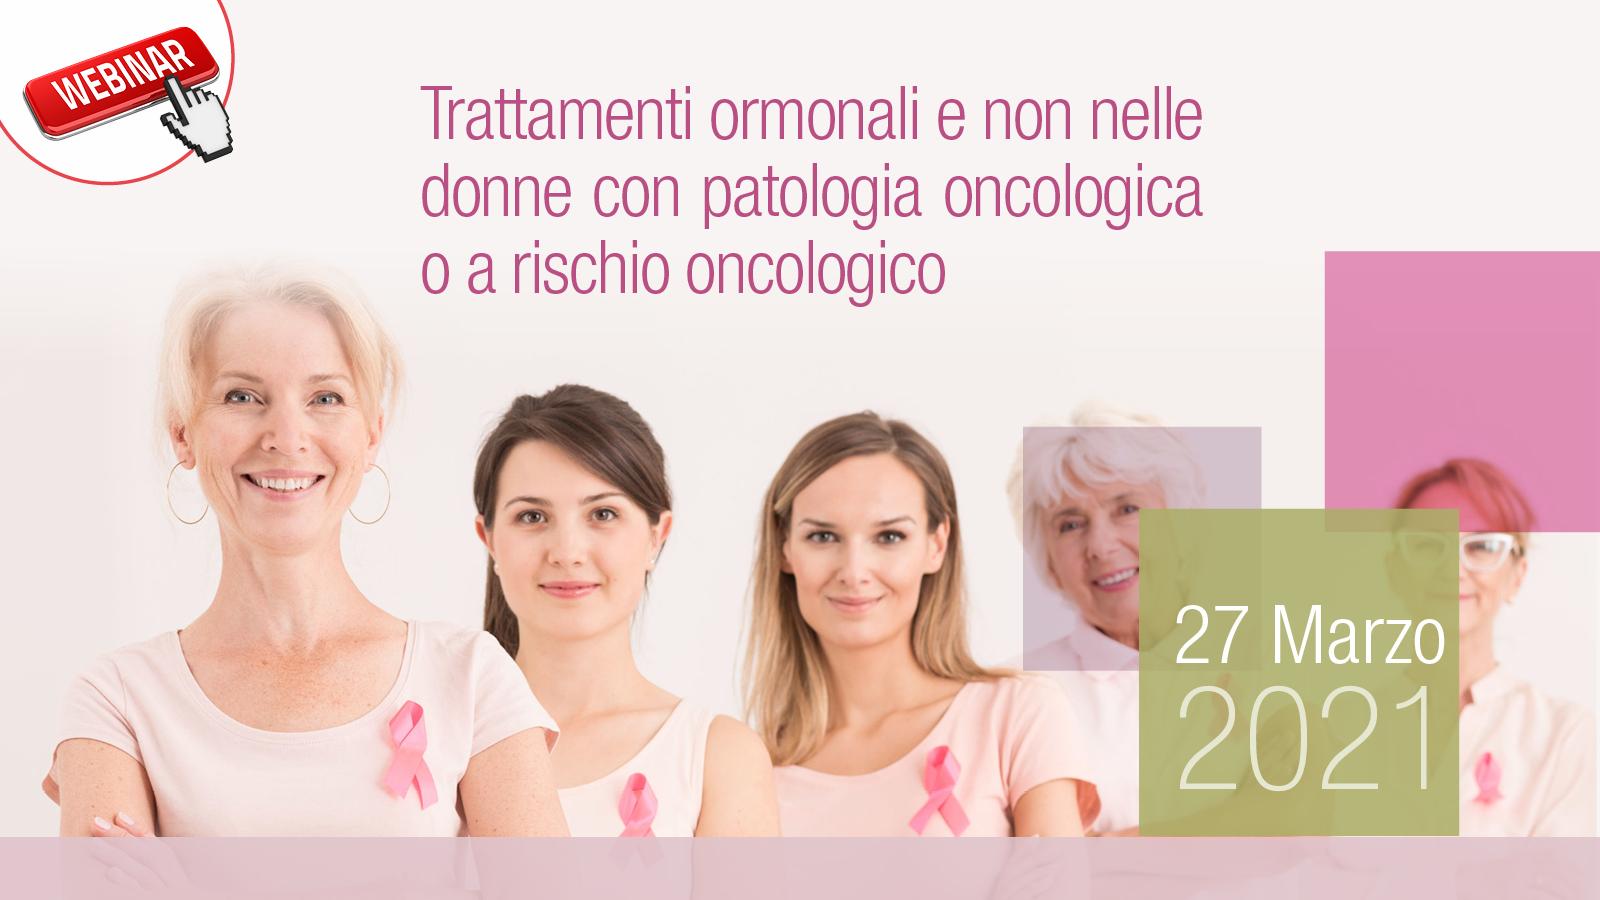 Trattamenti ormonali e non nelle donne con patologia oncologica o a rischio oncologico